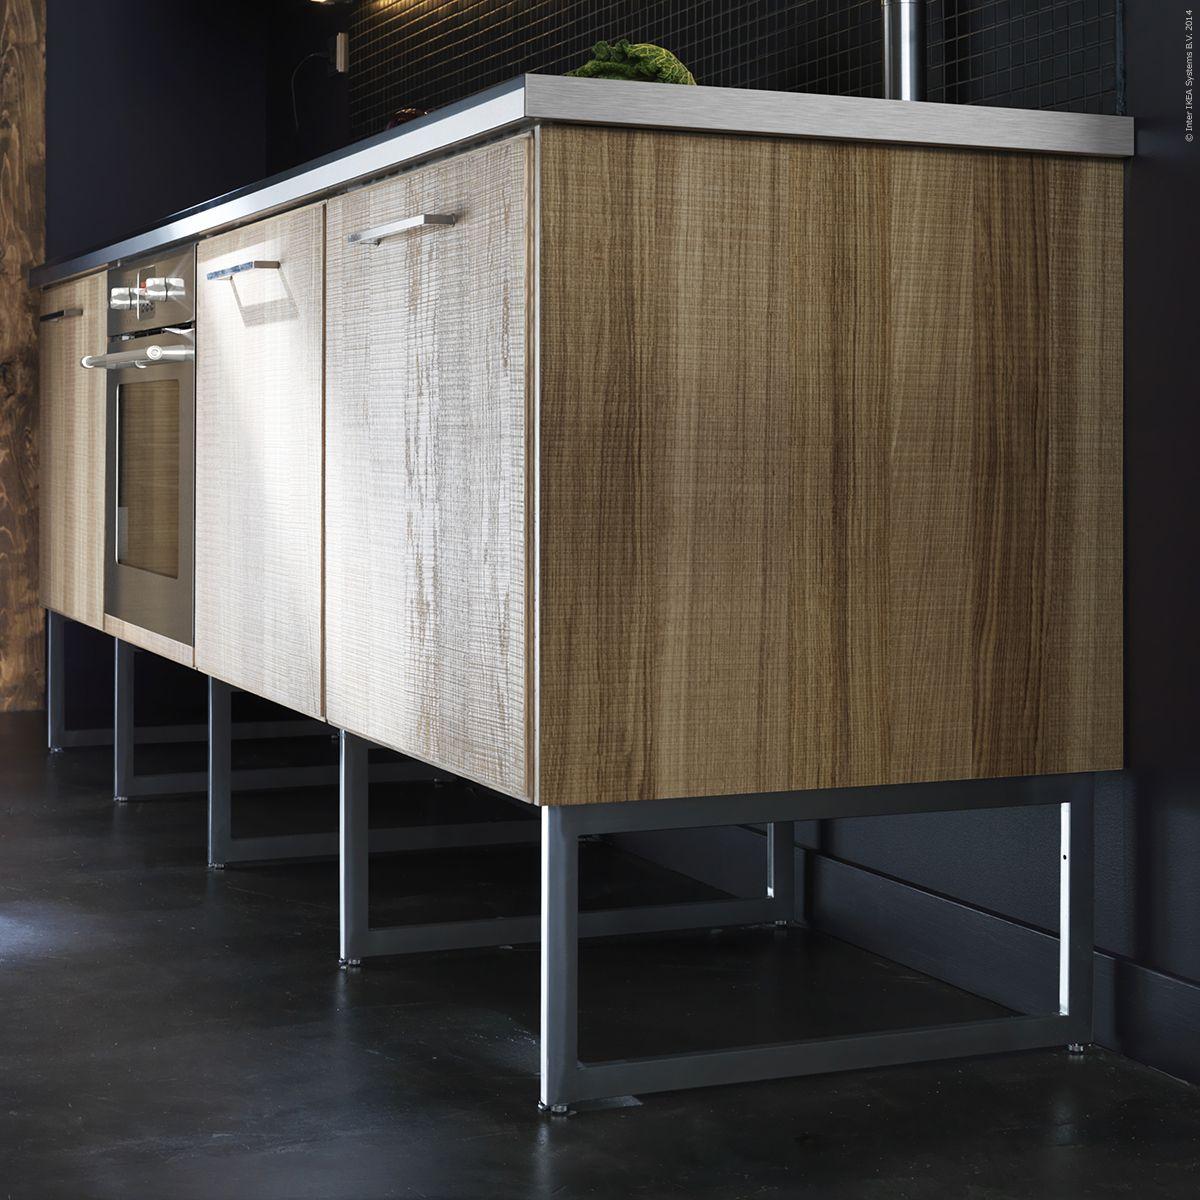 kitchen cabinets with legs cabinet handles black limhamn ben och metod bänkskåp i nya mått ger en luftigare